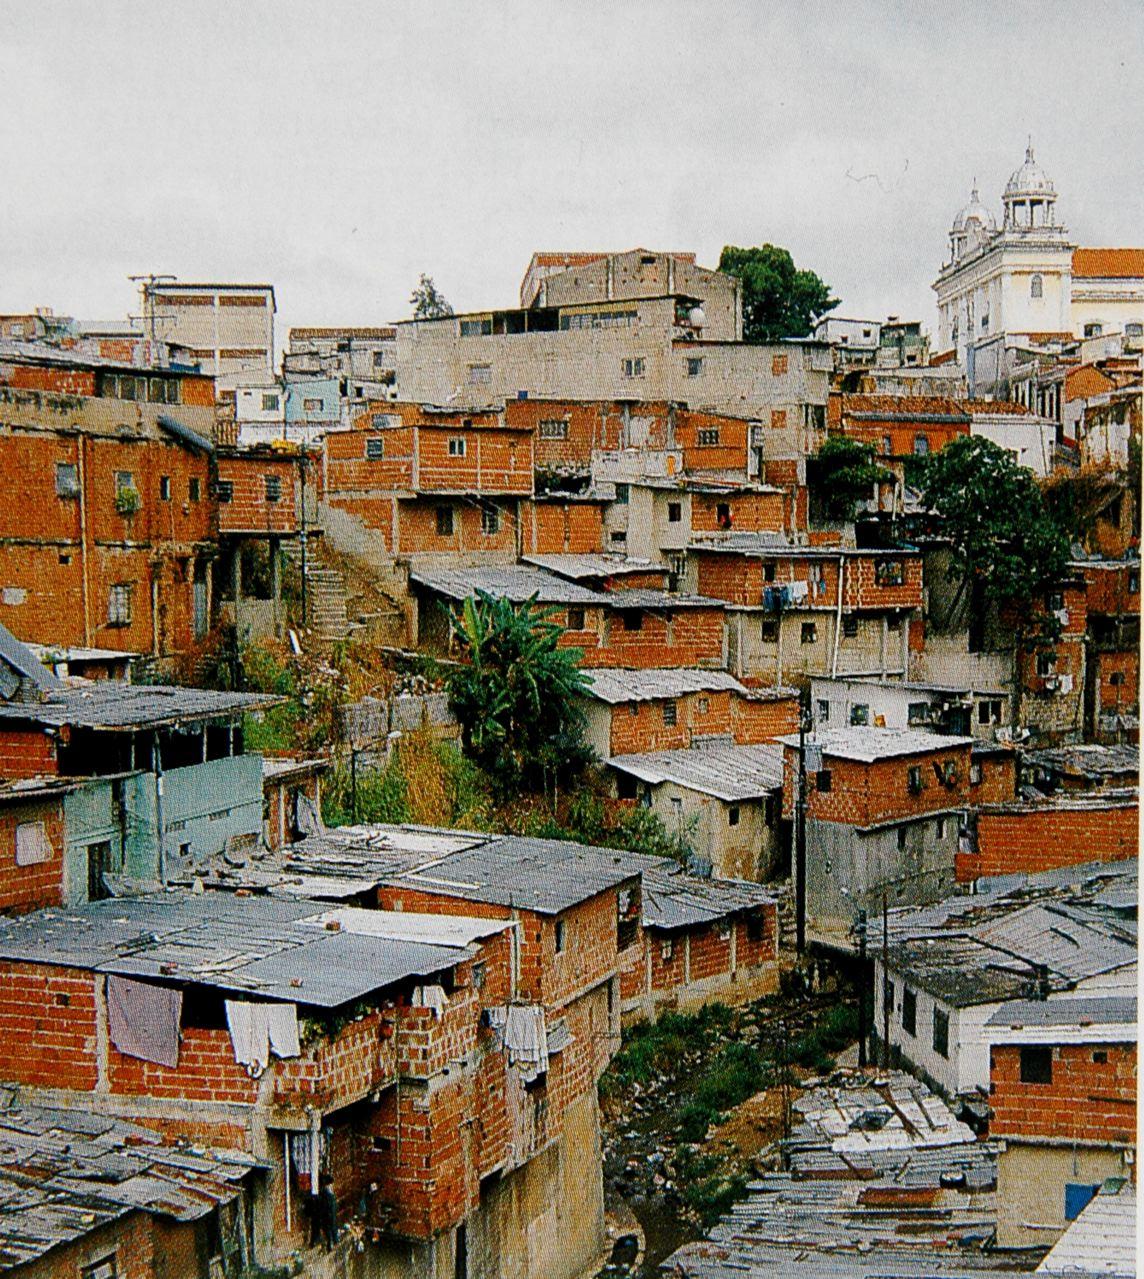 ¿Y qué pasa con los barrios?